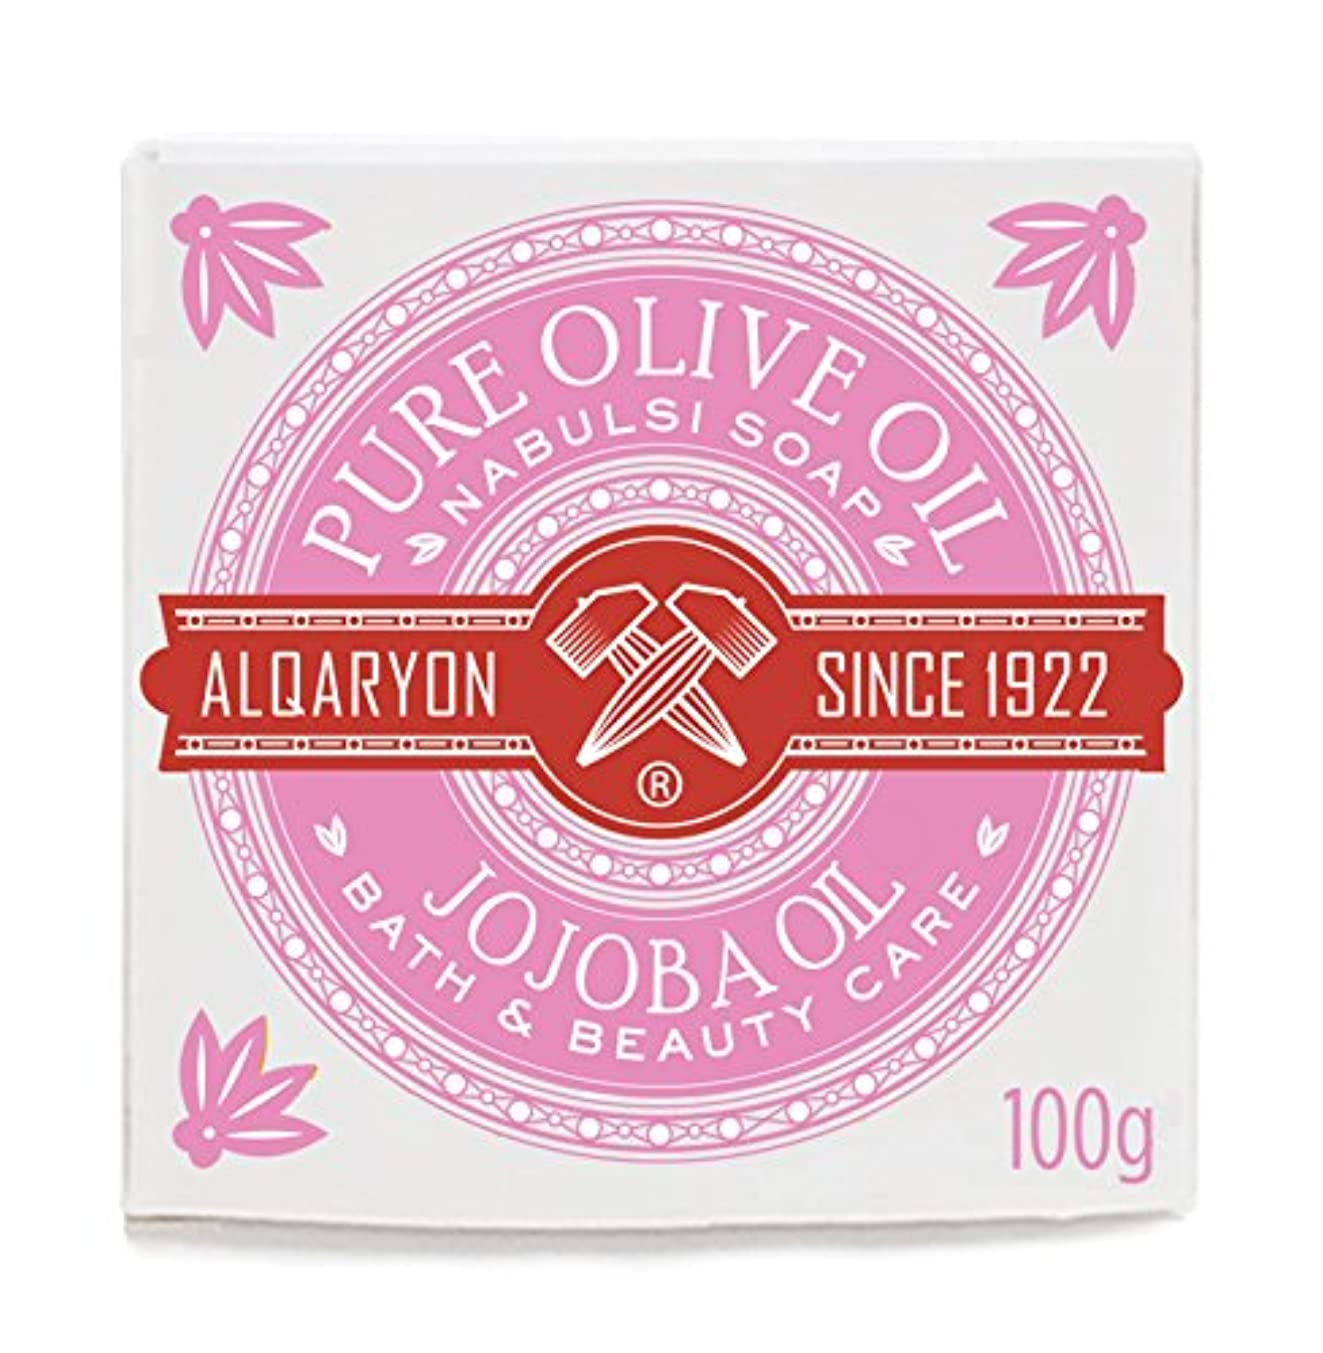 シビック静めるグレートバリアリーフAlqaryon Jojoba Oil & Olive Oil Bar Soaps, Pack of 4 Bars 100g - Alqaryonのホホバ オイルとオリーブオイル ソープ、バス & ビューティー ケア、100g...